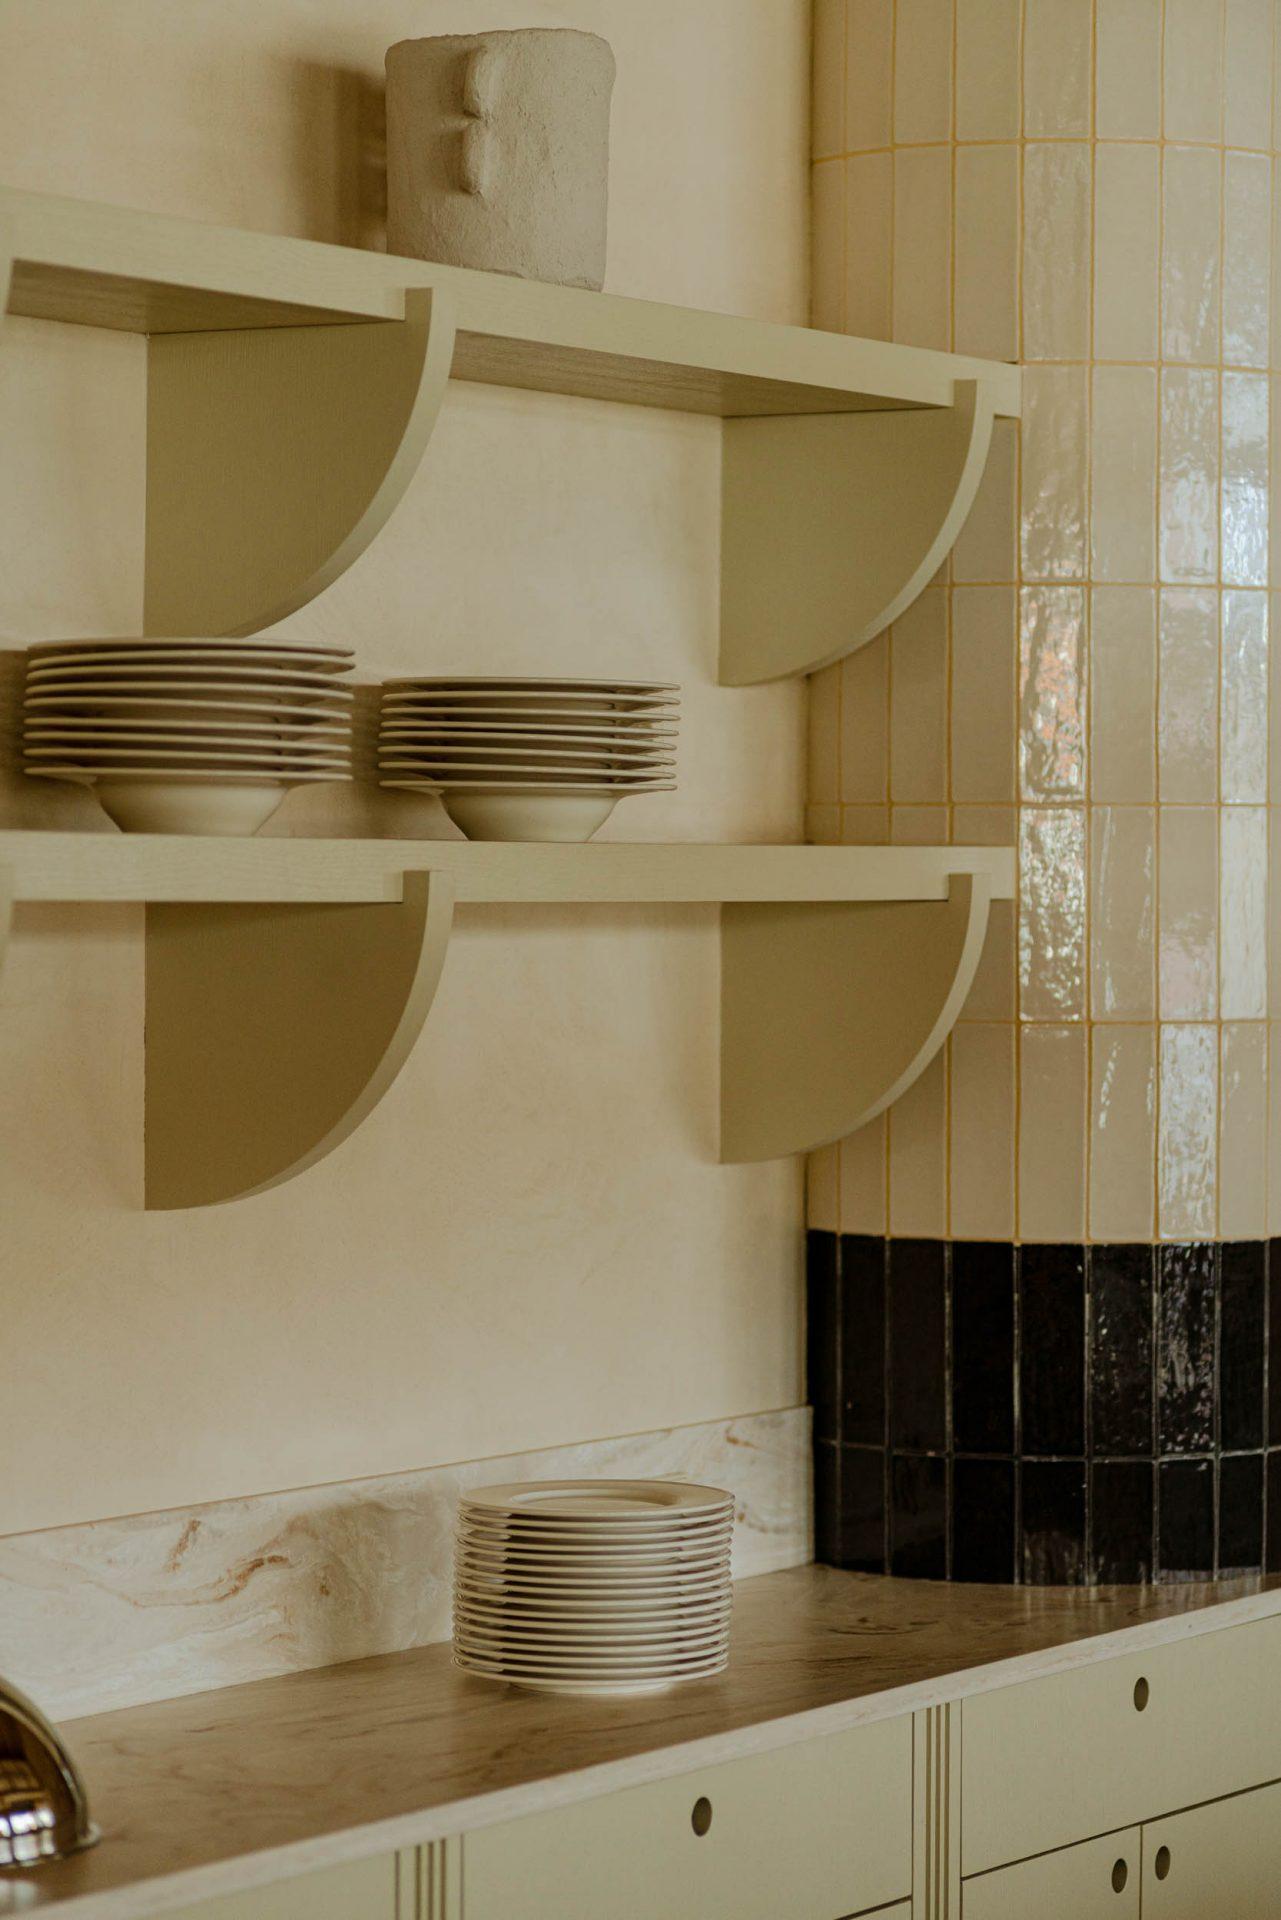 nowy_puro_hotel_krakow_old_town_paradowski_foto_pion_designalive-25